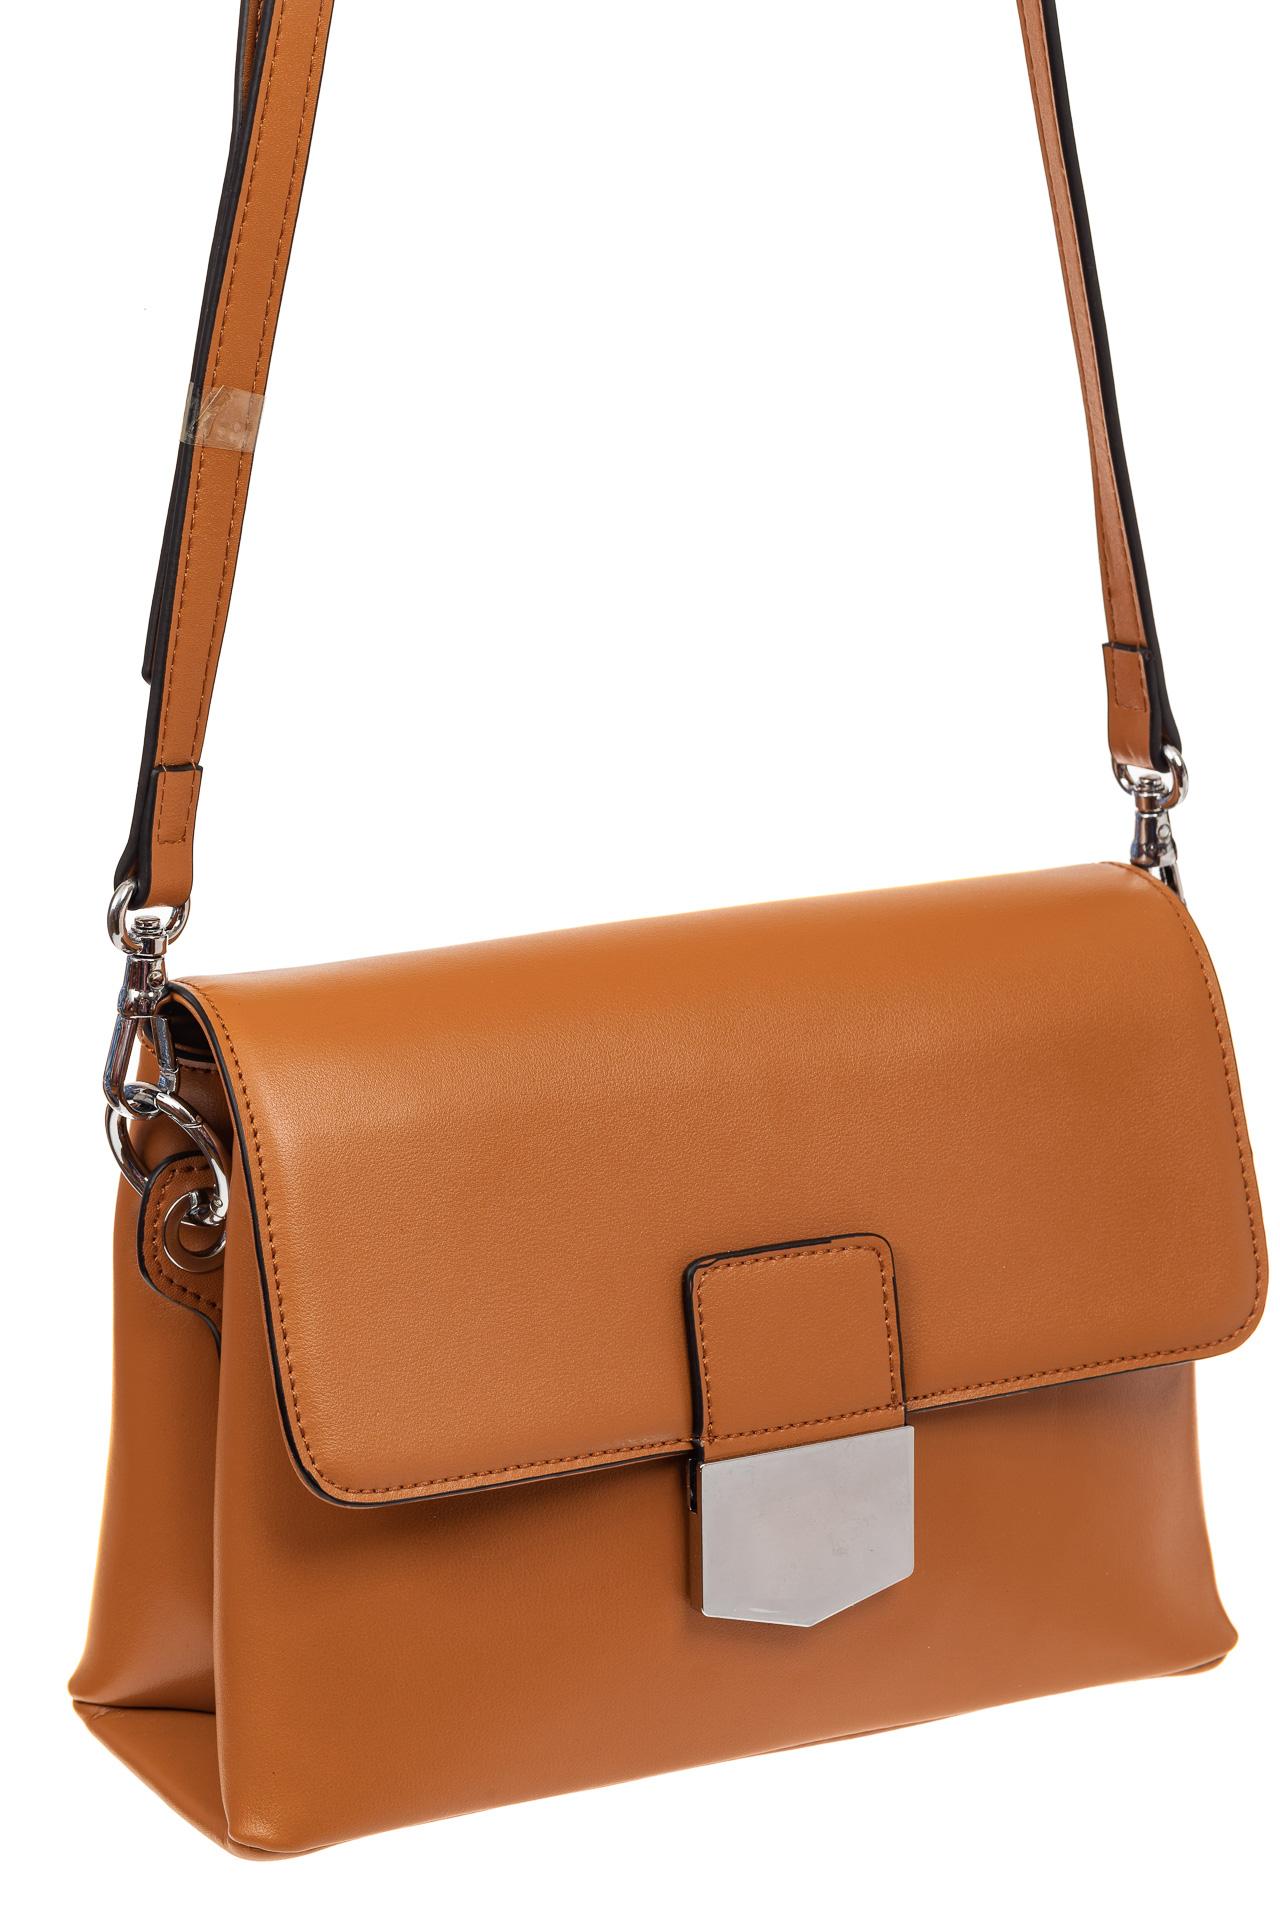 Сумка-портфель из натуральной кожи, цвет коричневый8002KNJ5/8